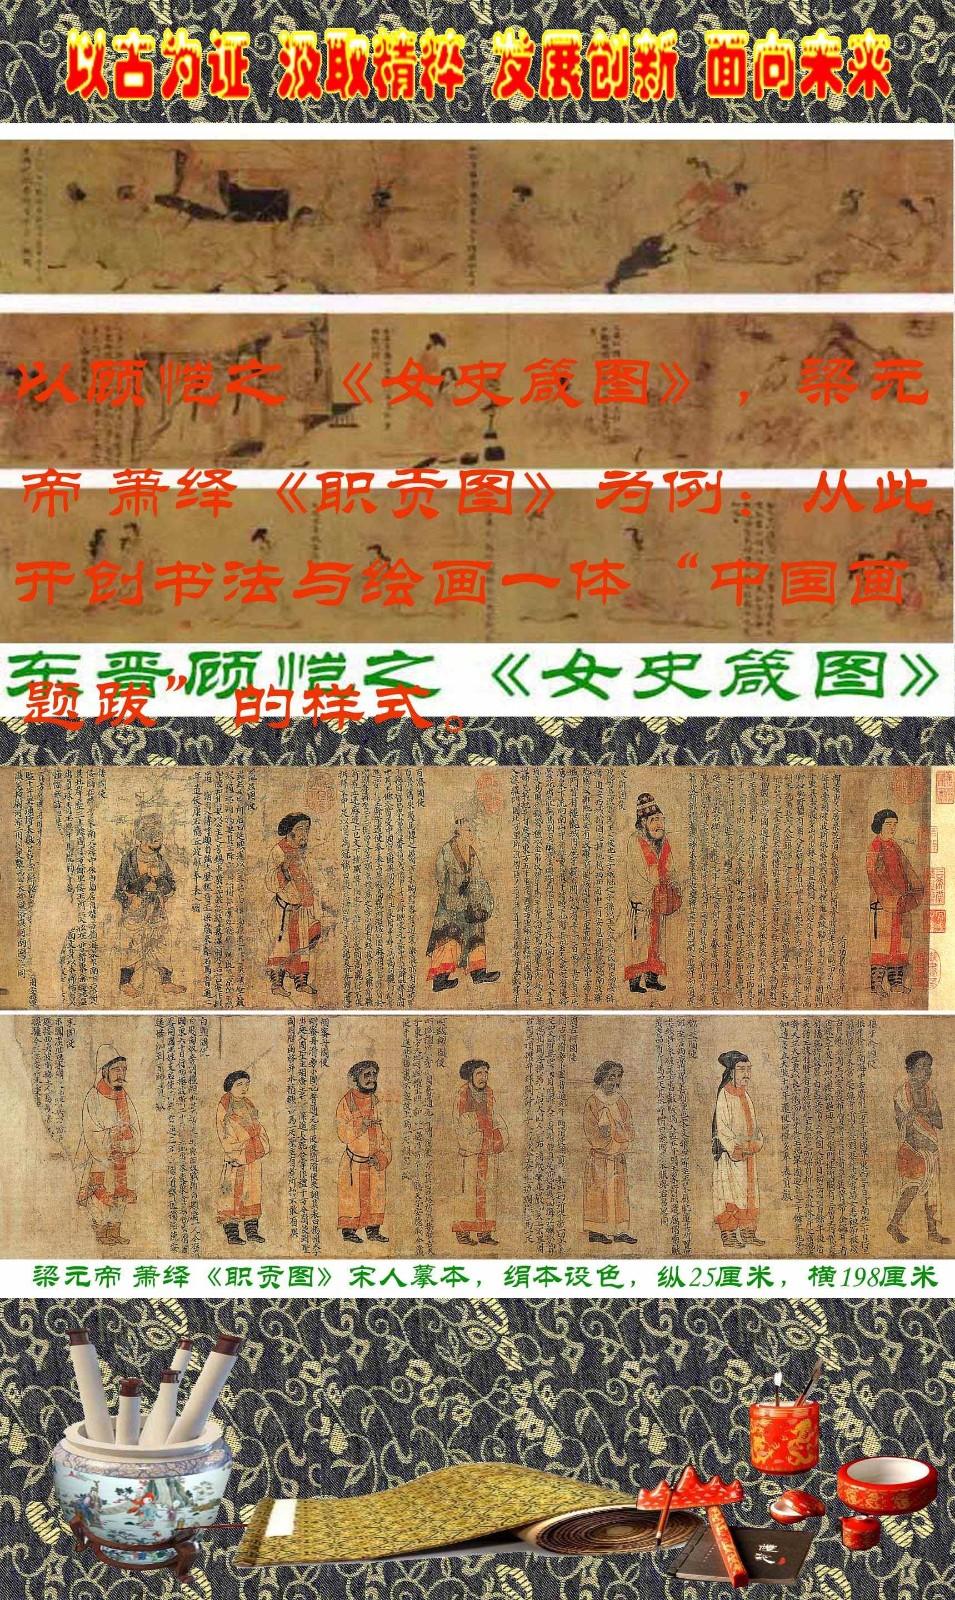 和而不同是常态 中华文明耀世界_图1-7